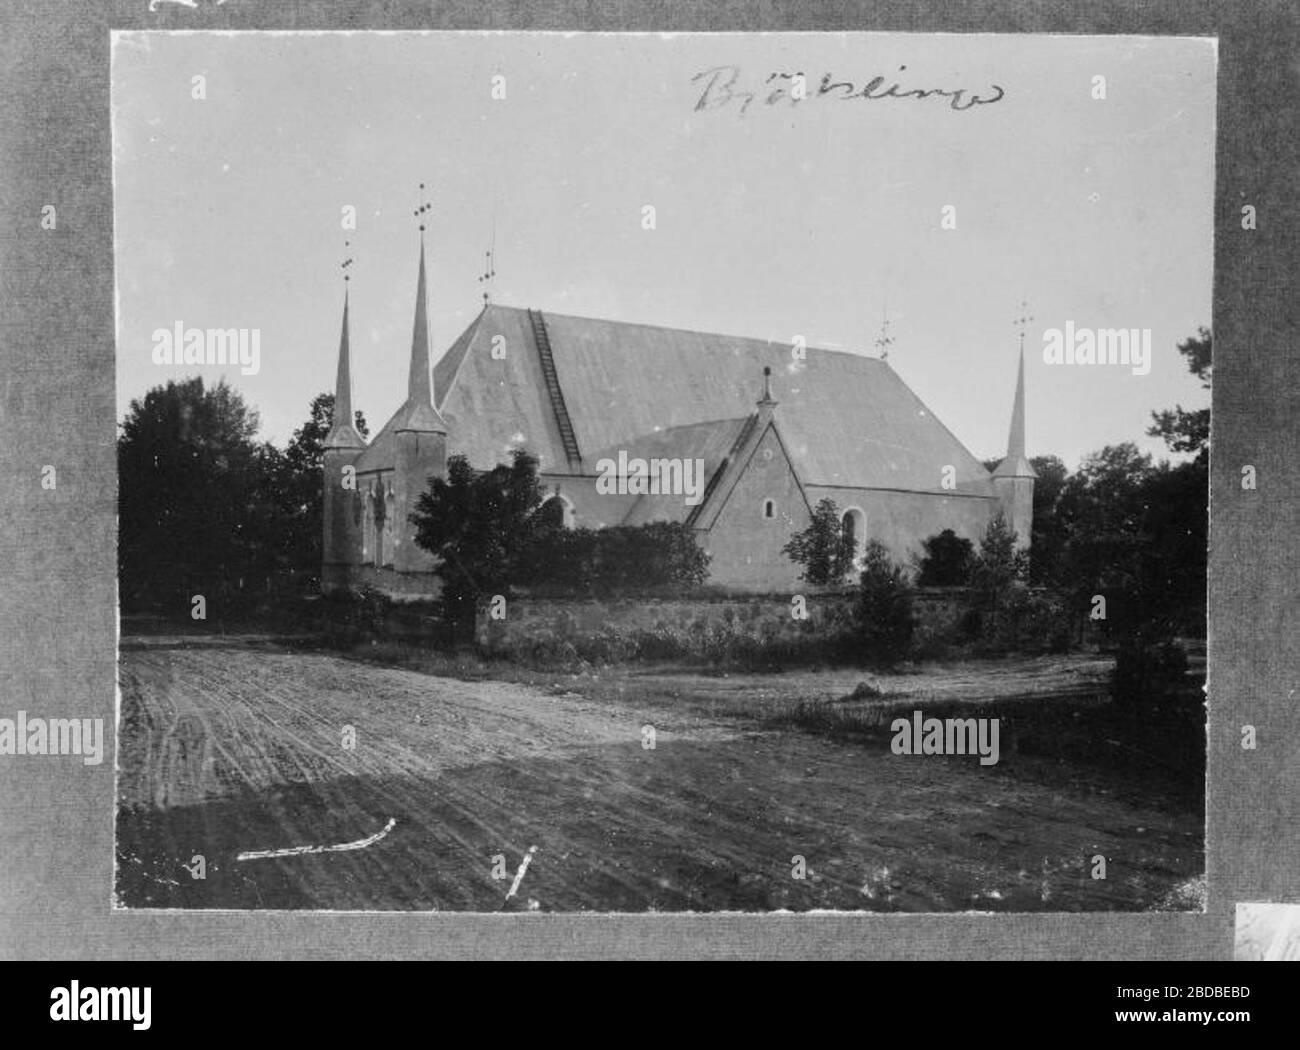 Vedbod, Fiskebo, Bjrklinge socken, Uppland - Europeana